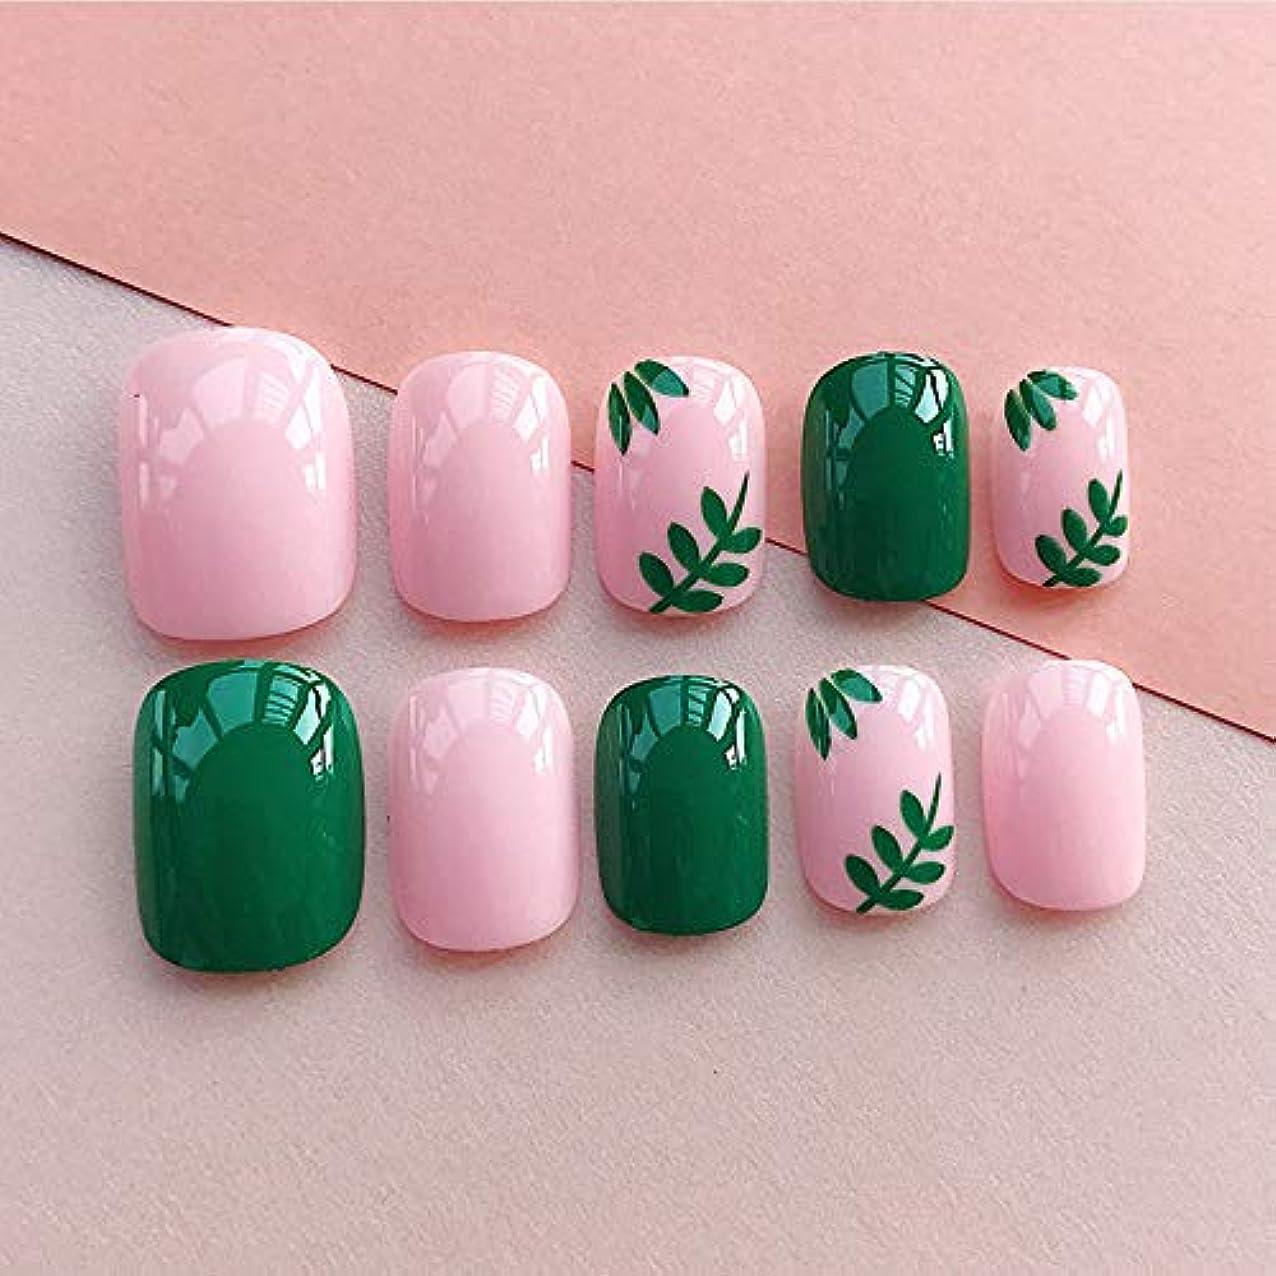 識別する配管工分泌するLIARTY ネイルチップ 夏の ピンク 緑の葉 優雅 短い 四角形 フルカバー 24枚 12別サイズ つ